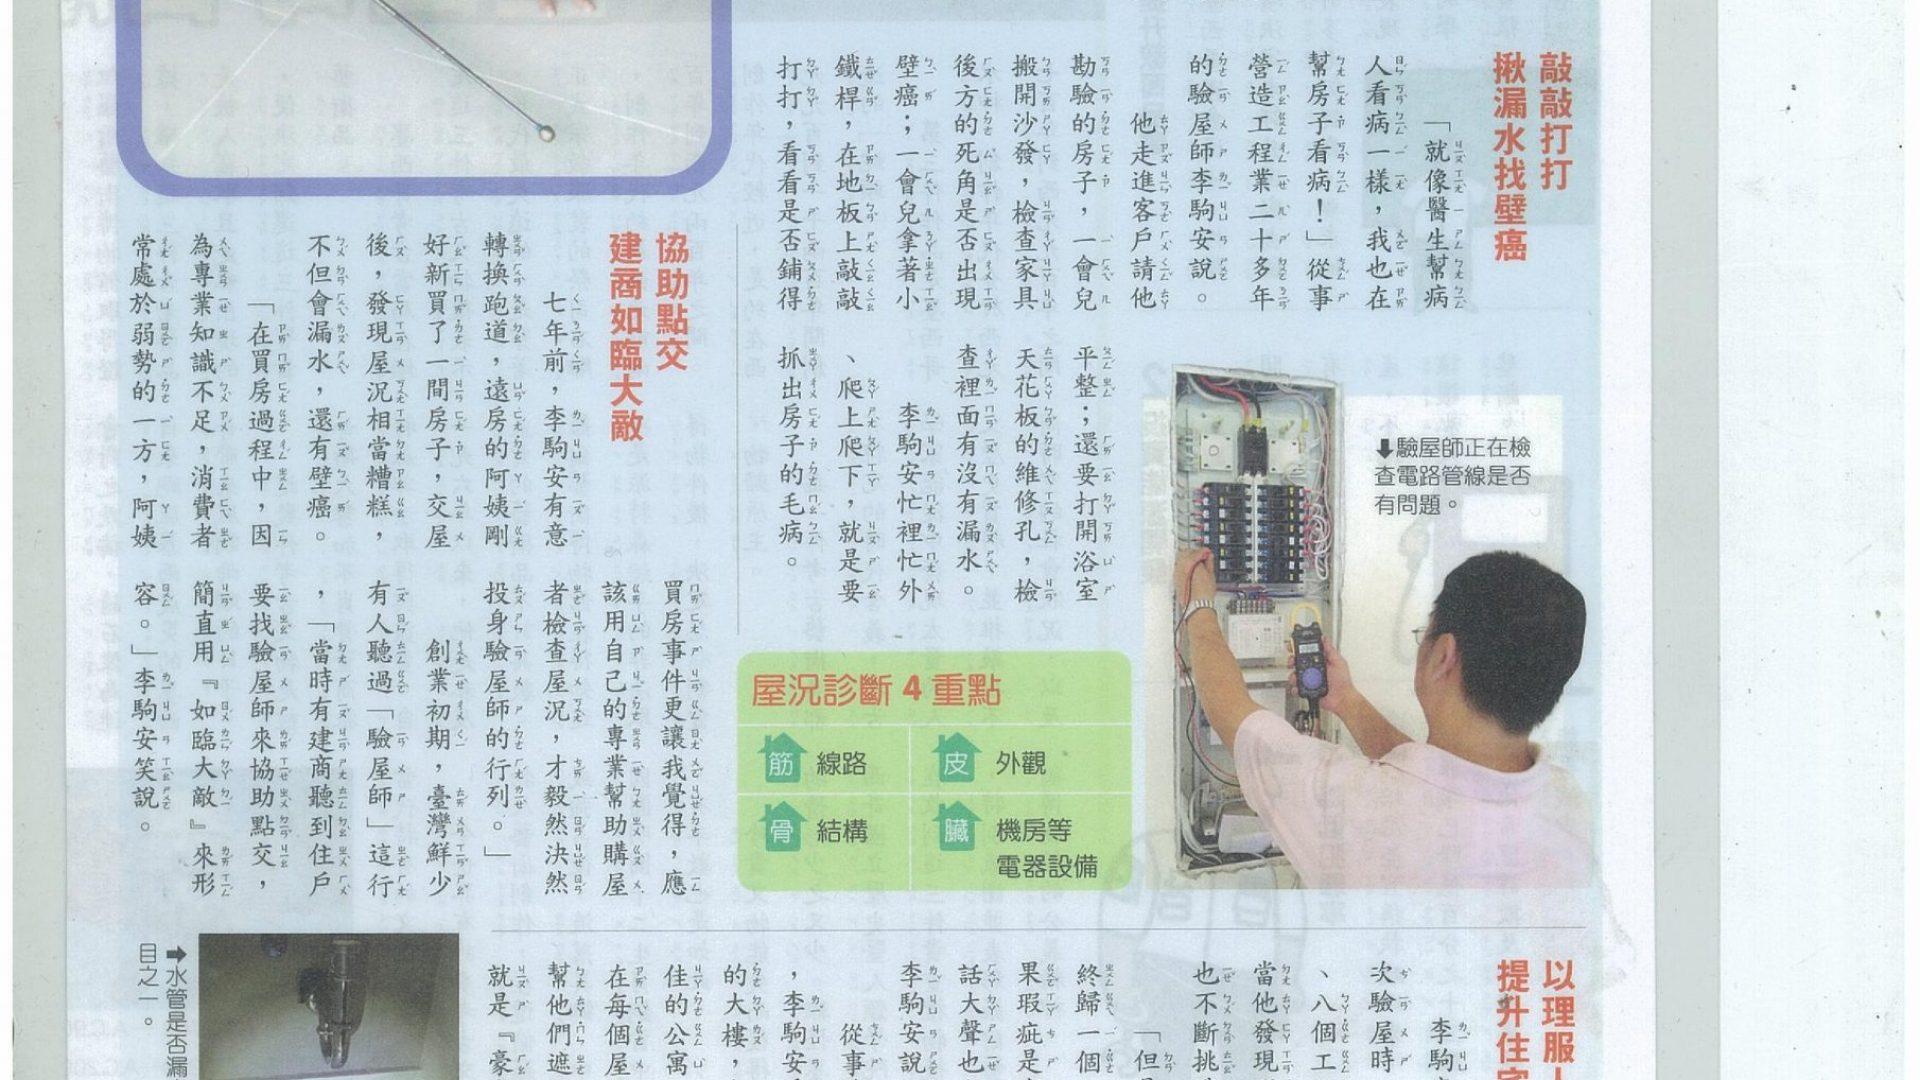 1021223國語日報第164期-圖片